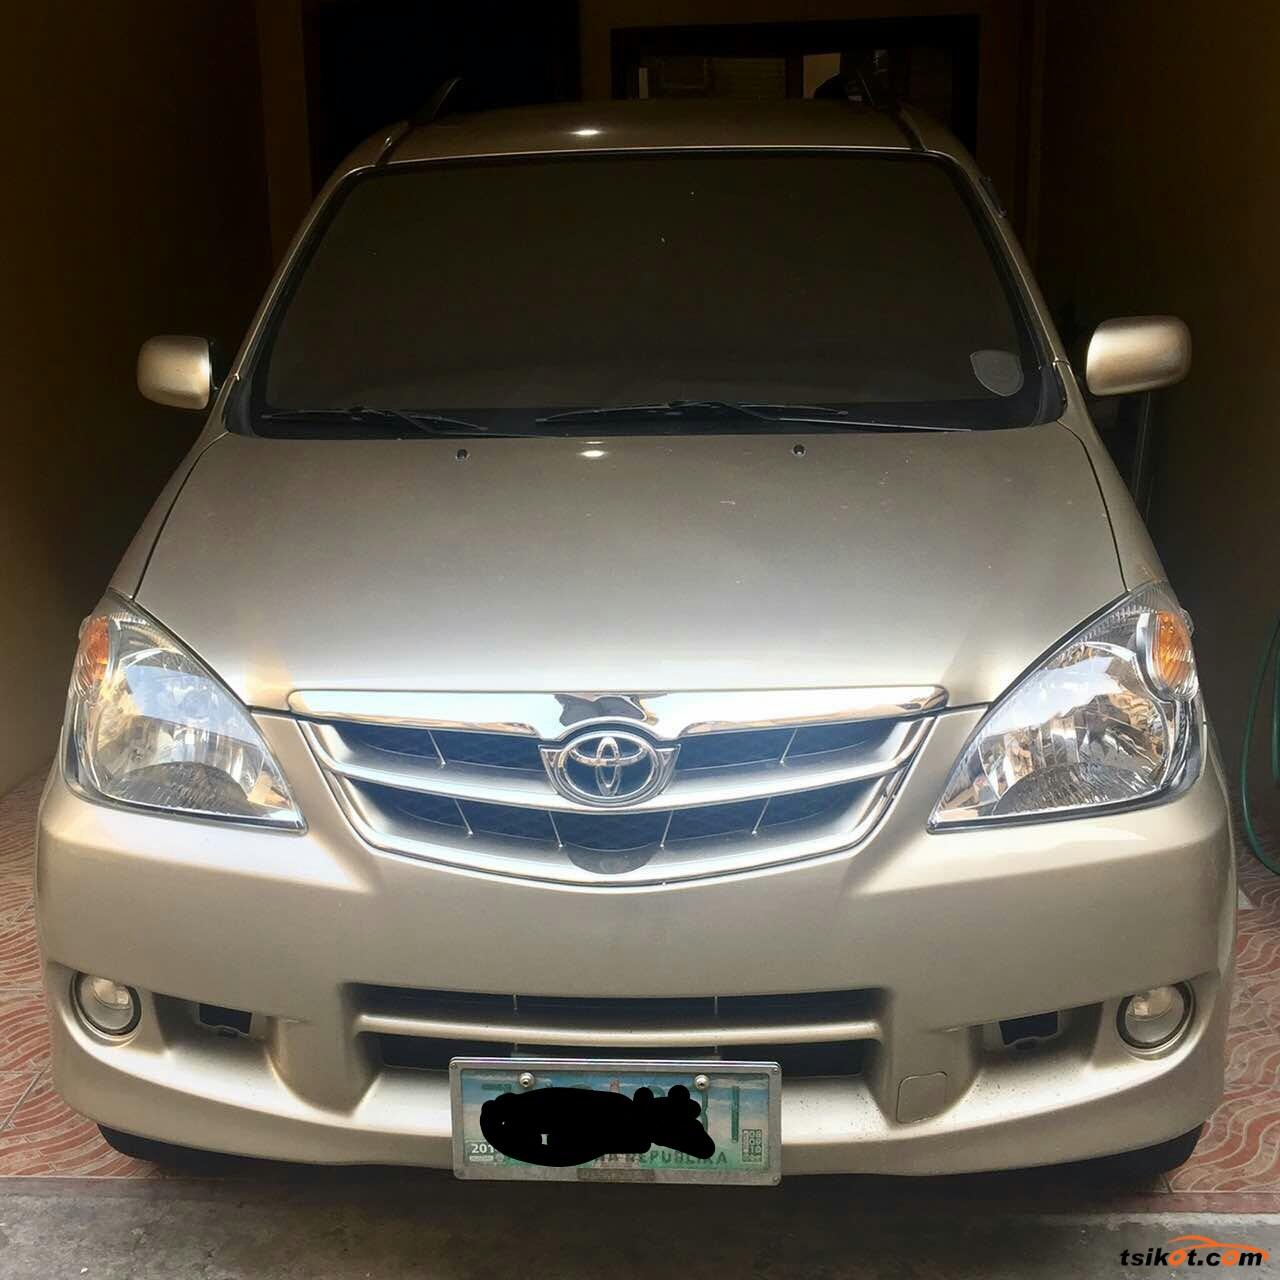 Kelebihan Toyota Avanza 2008 Top Model Tahun Ini